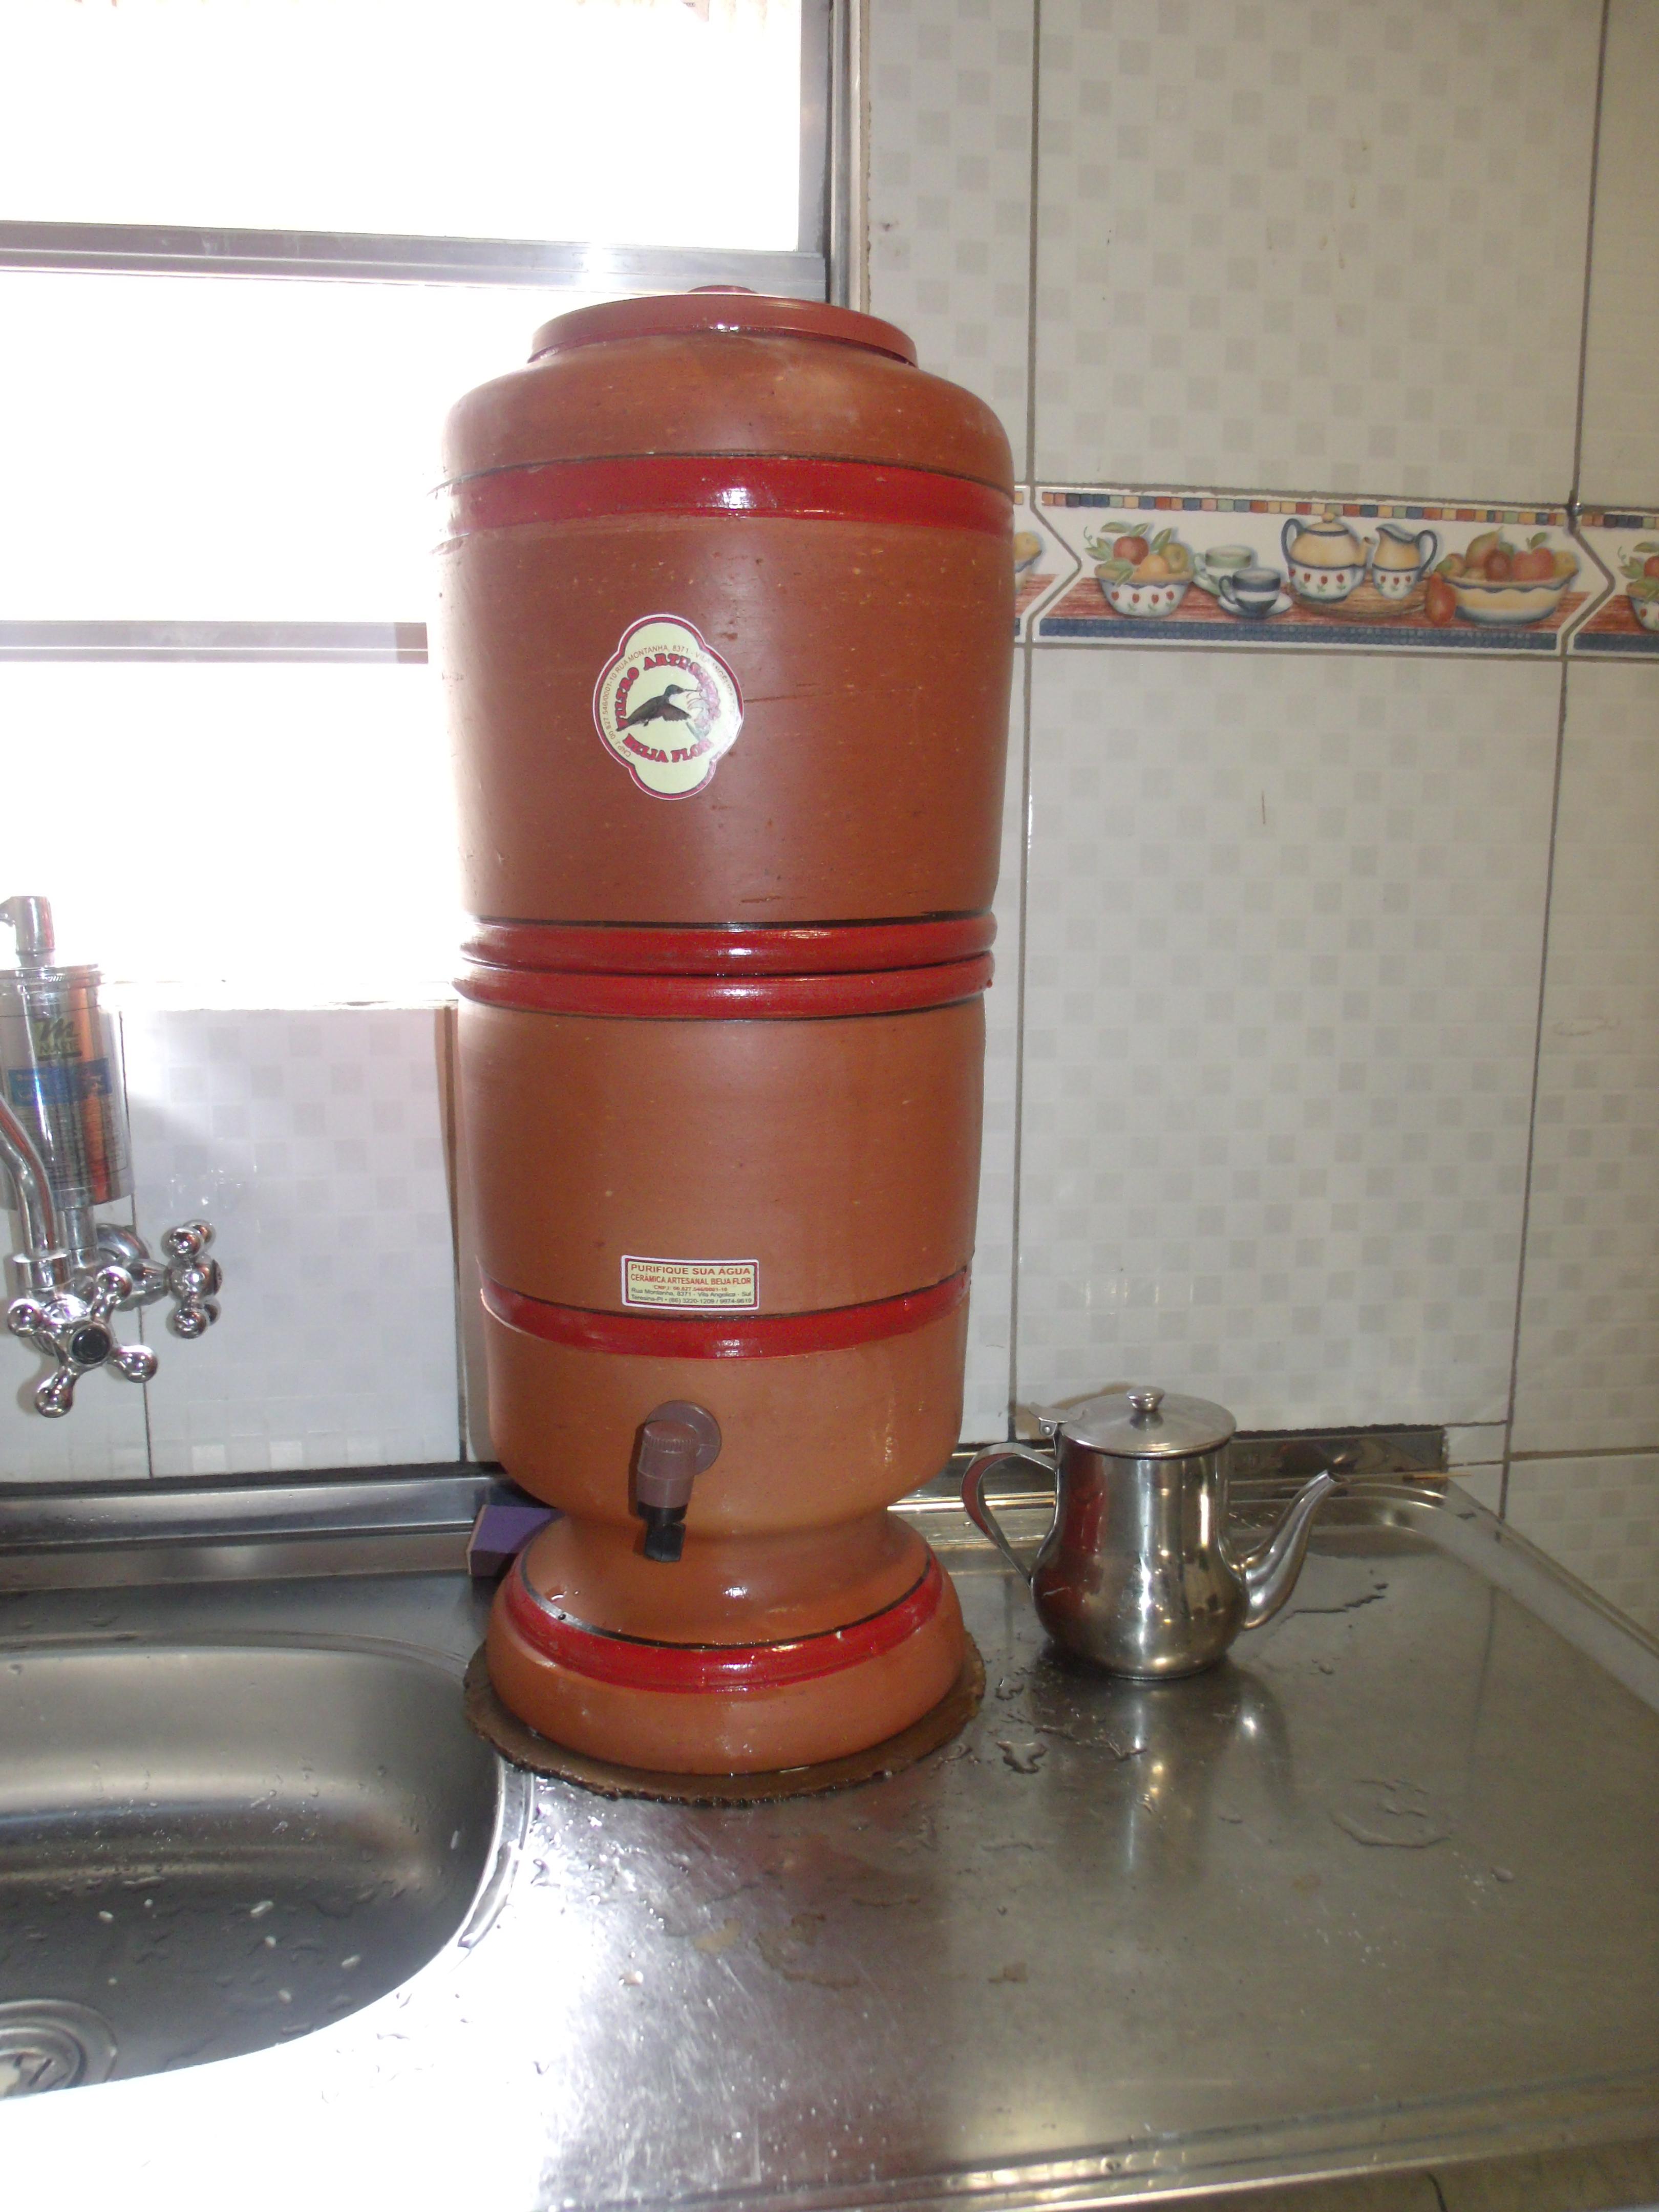 Filtro artesanal de Teresina - Qual a diferença entre filtrar água e purificar água?